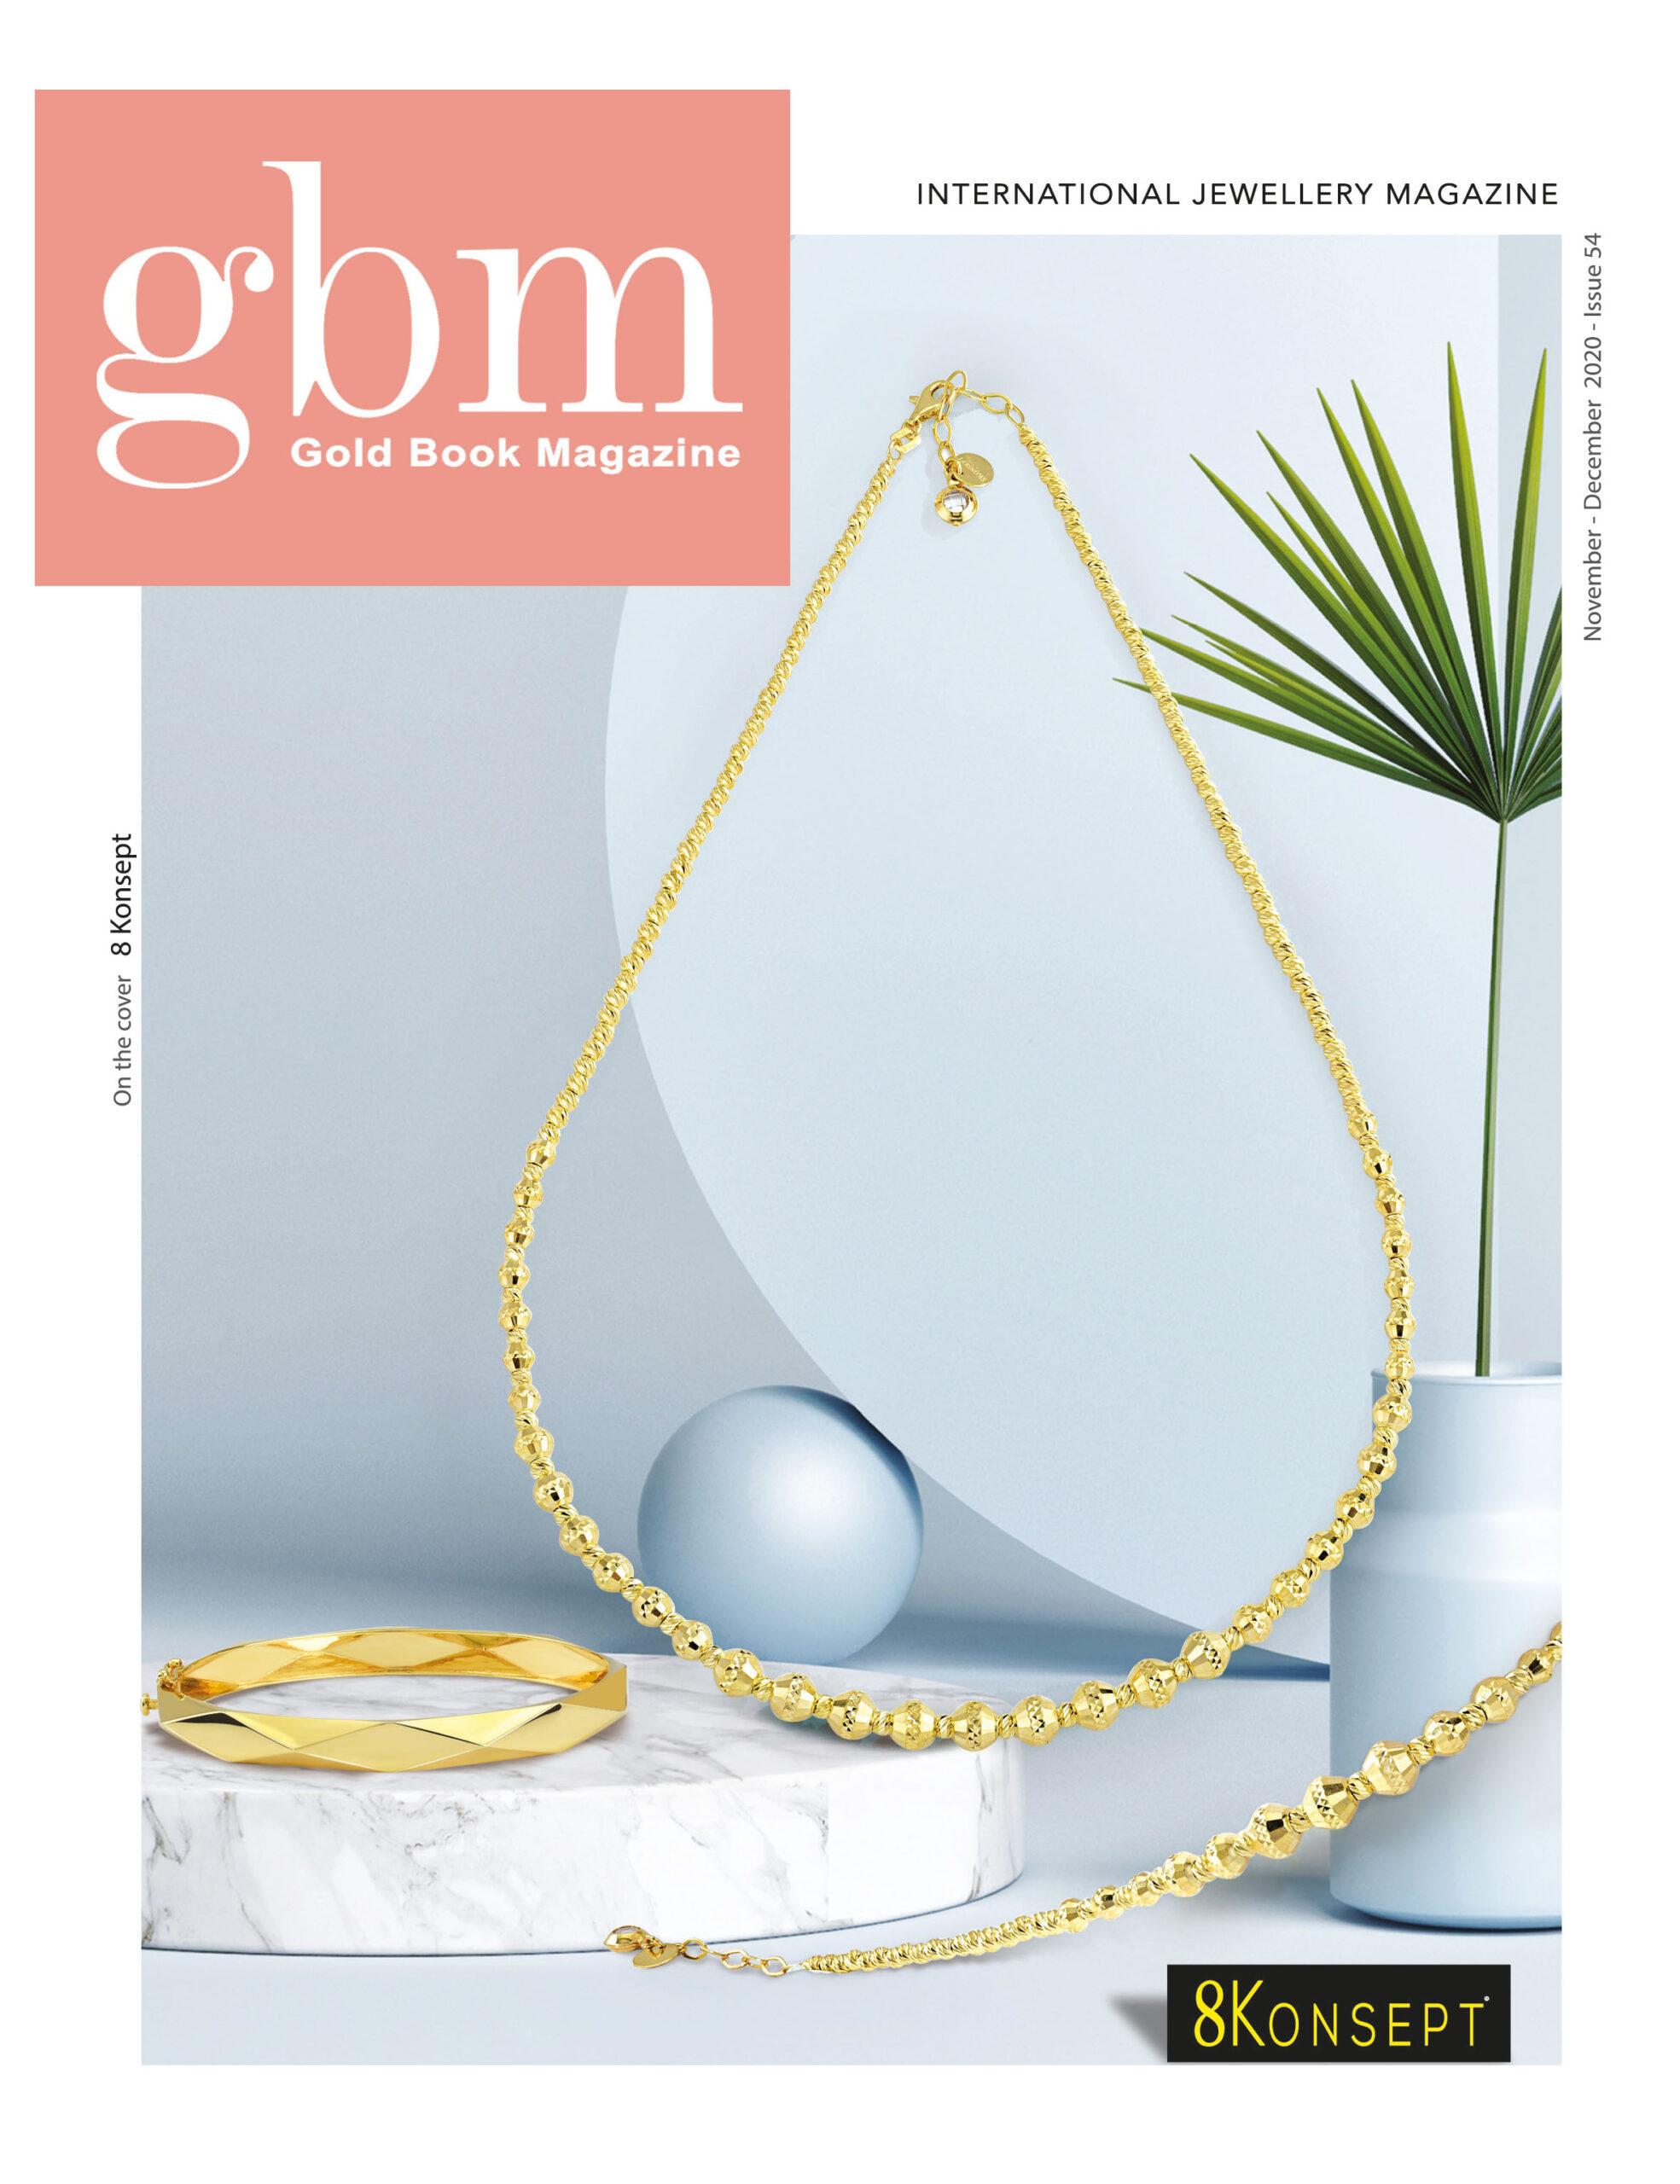 gbm 54th edition